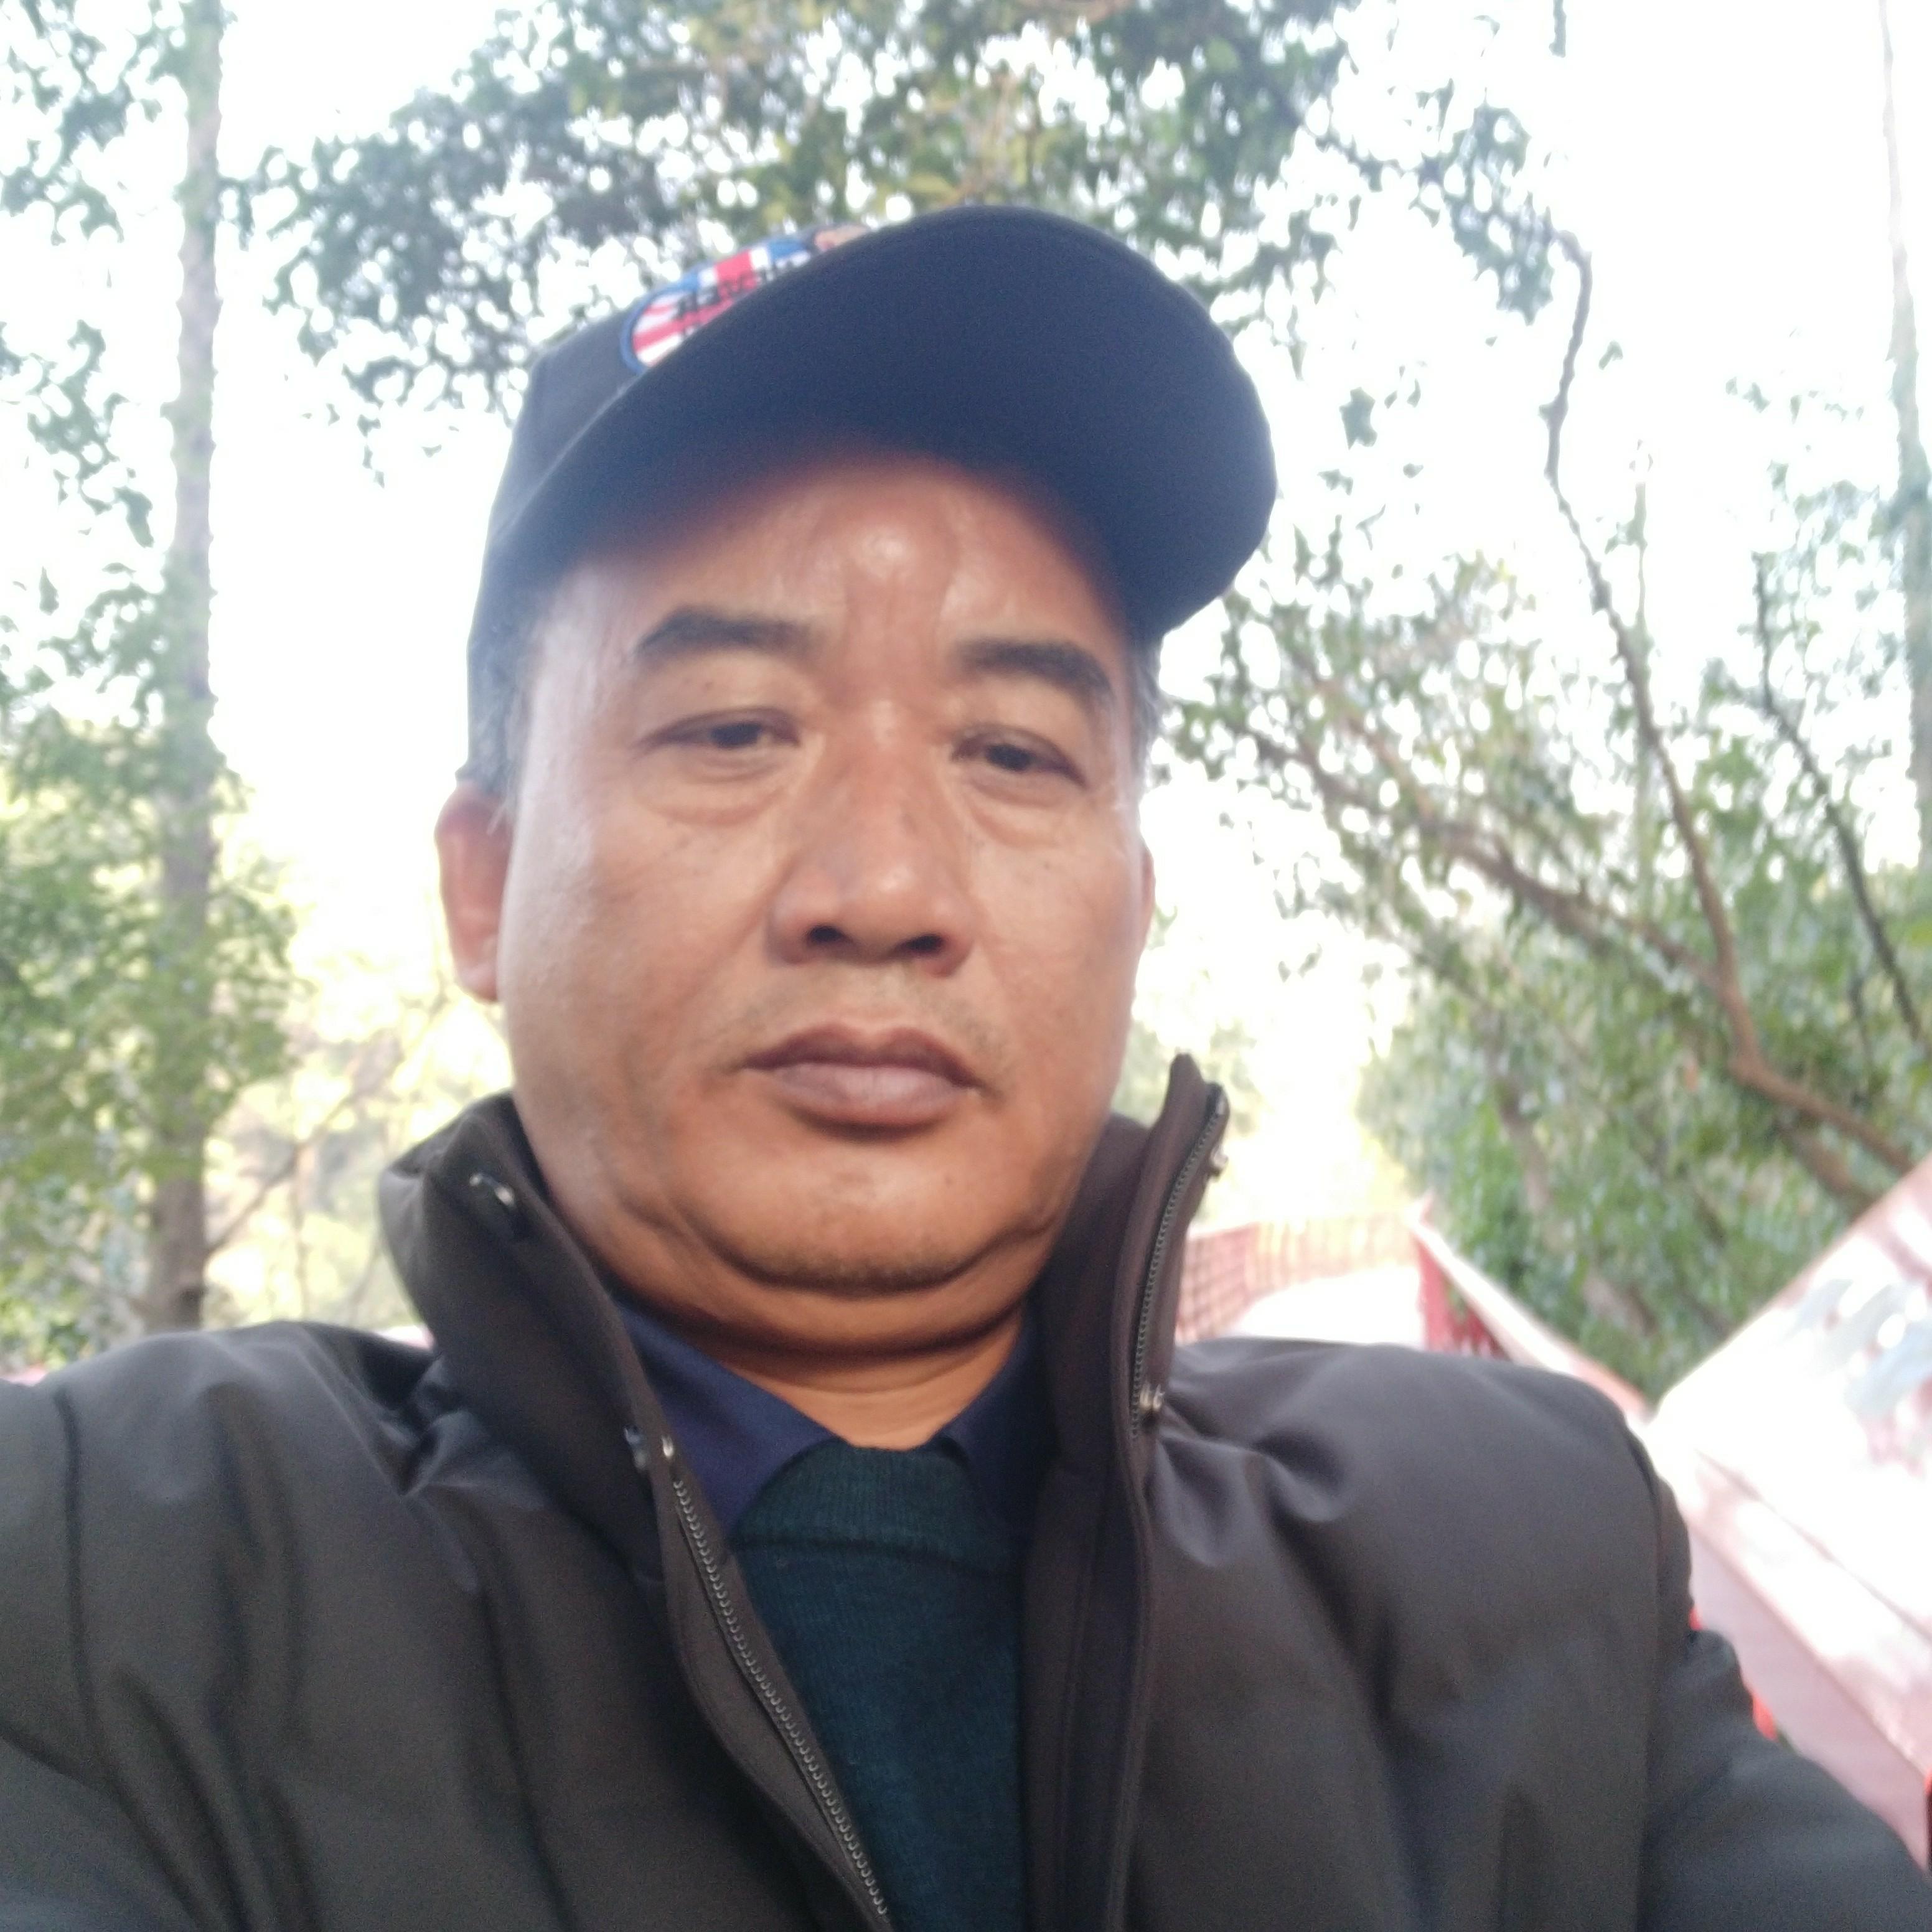 邵东县长顺建筑石料用灰岩有限公司企业法人颜建明照片